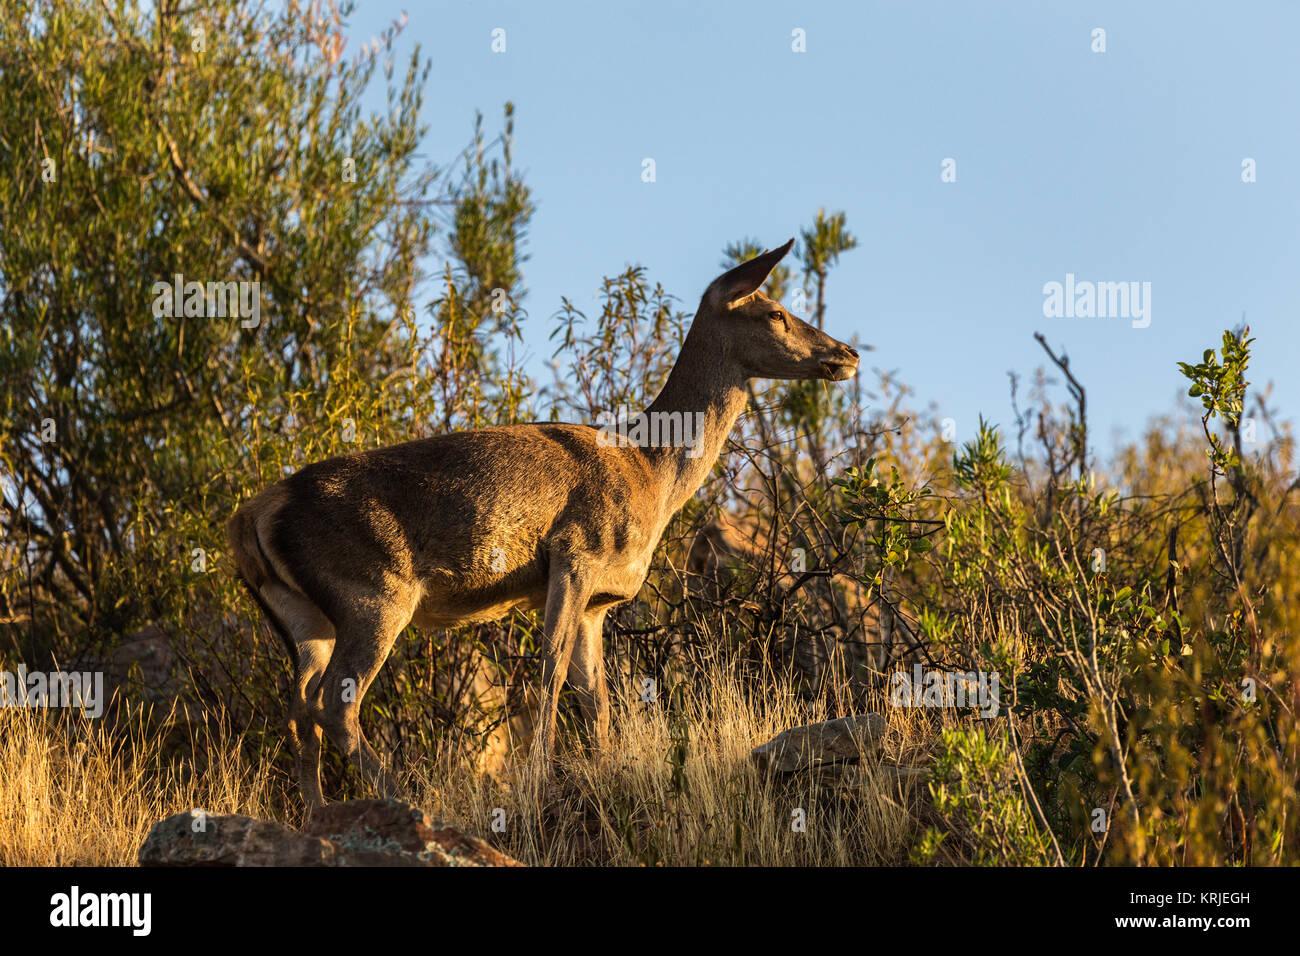 Ciervos en el Parque Nacional de Monfragüe. Extremadura. España. Imagen De Stock